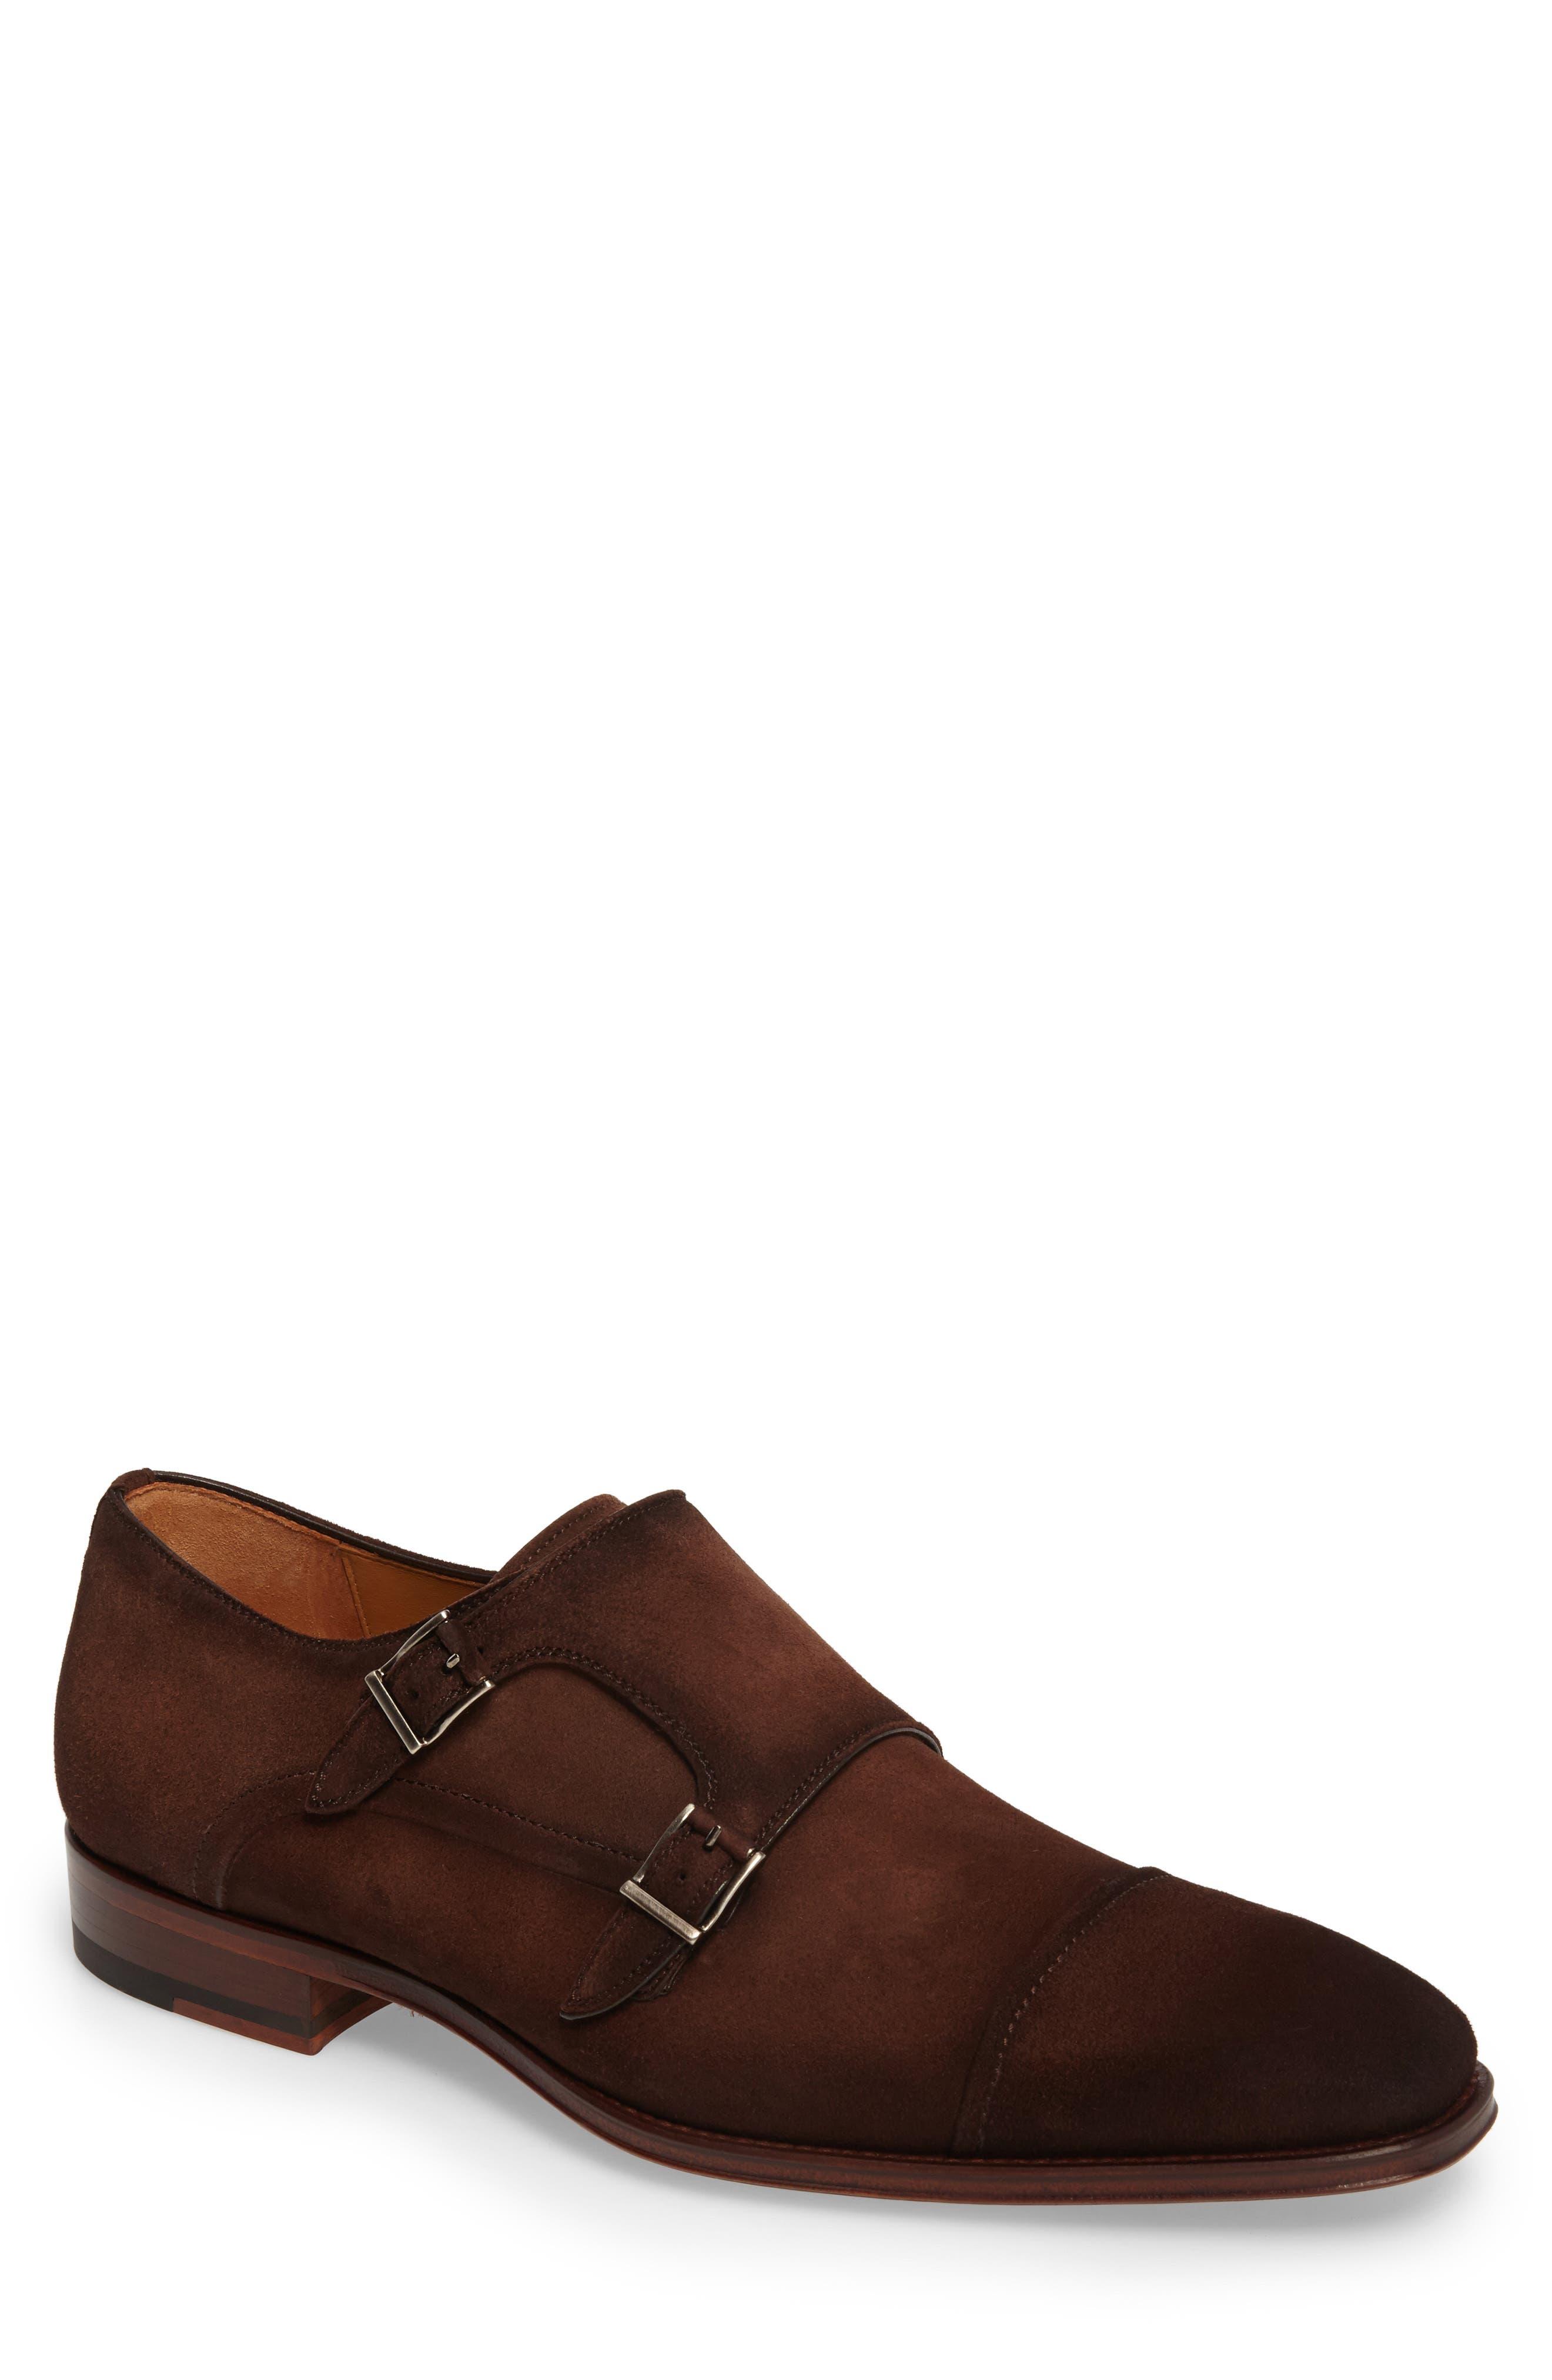 Magnanni Men's Easton Double Monk Strap Shoe pN8Jov